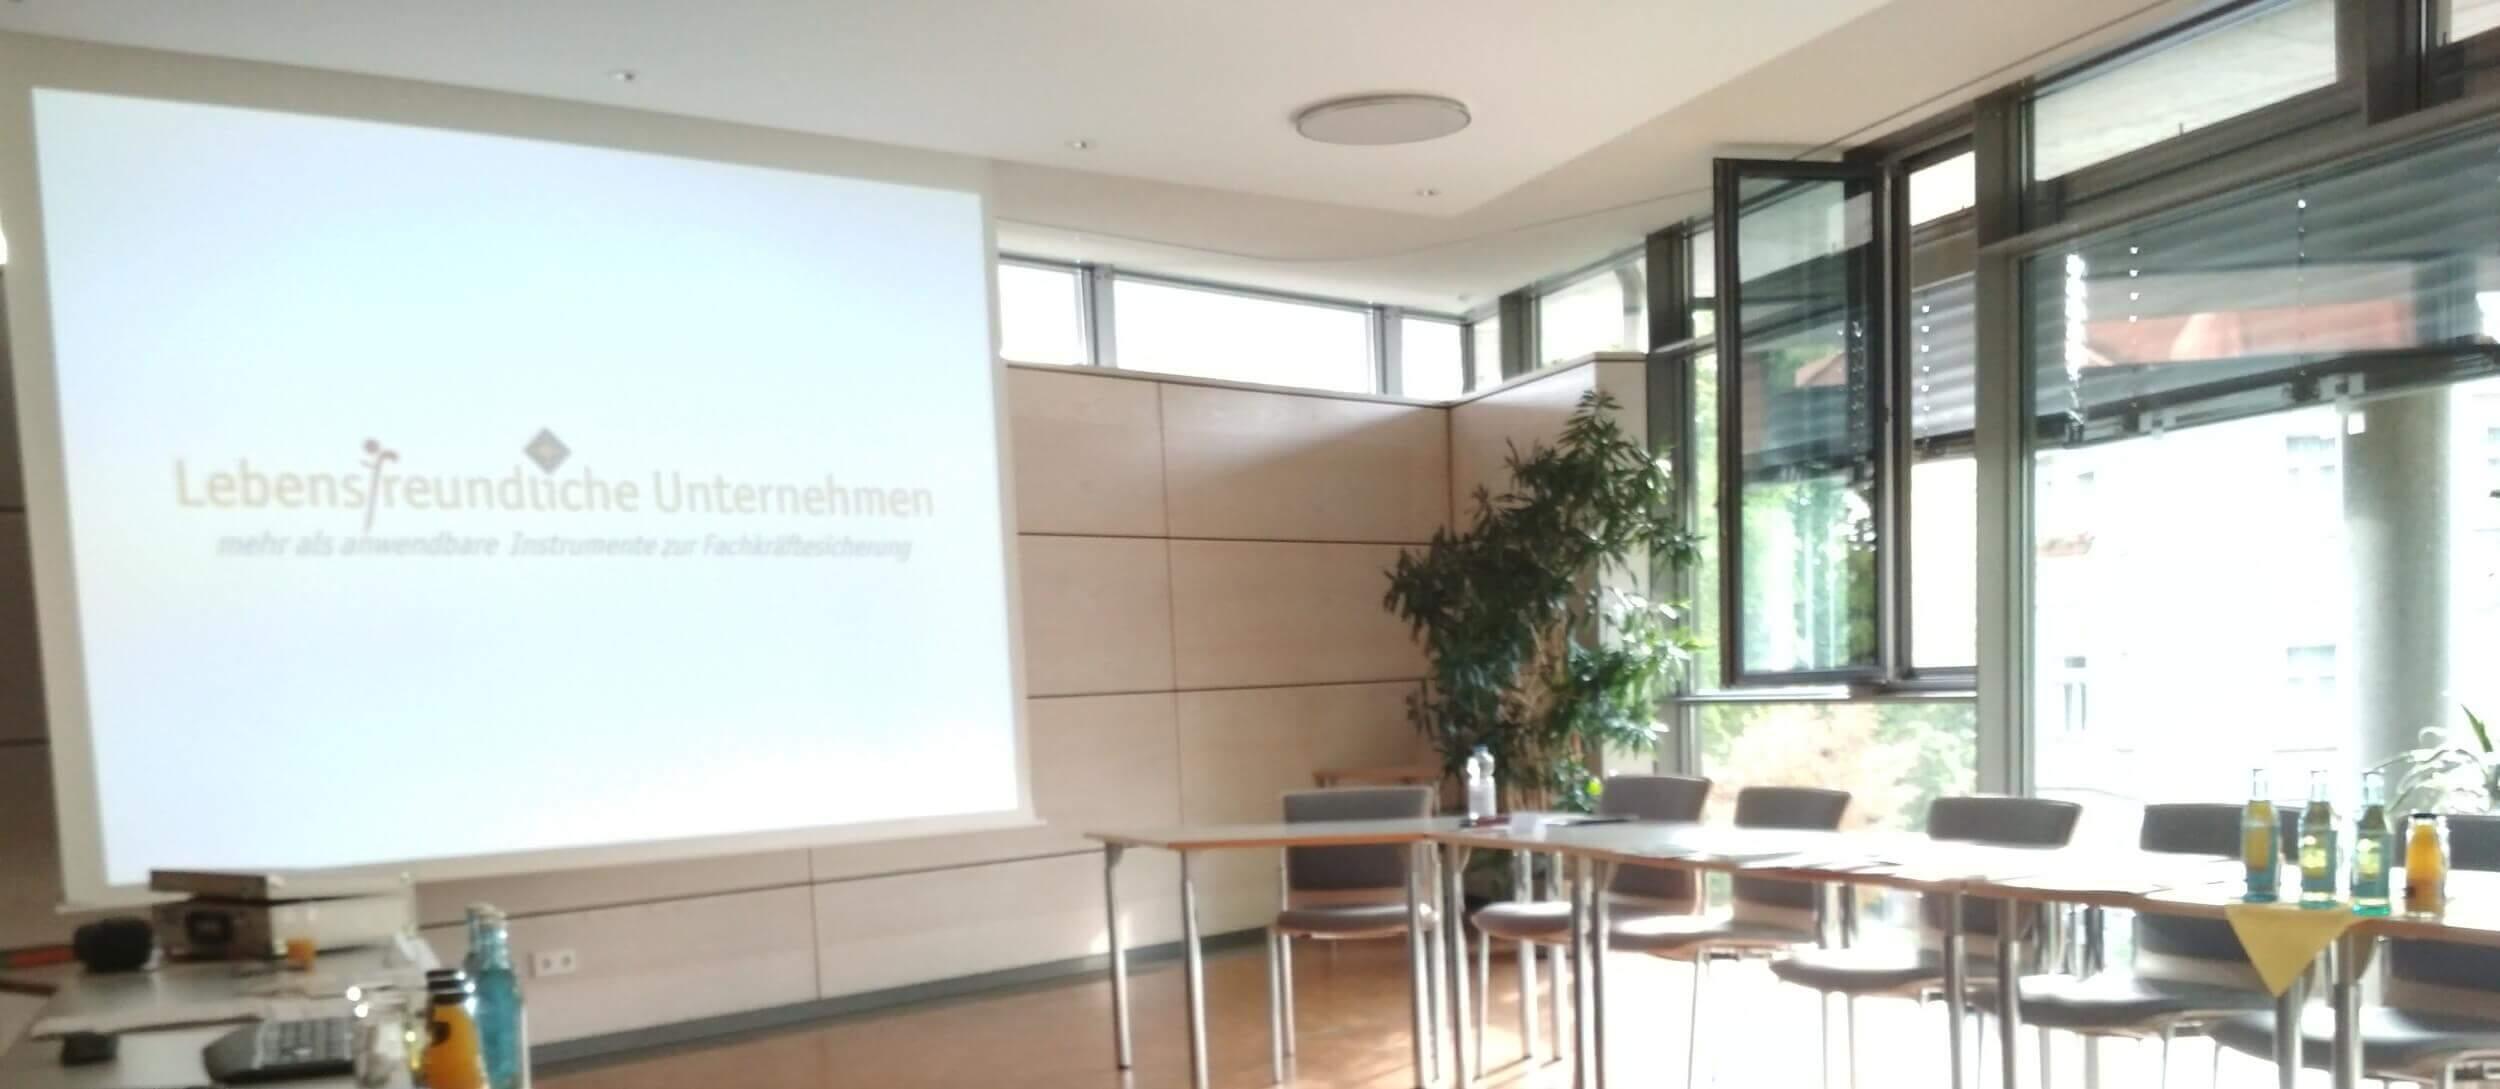 Auftaktworkshop Lebensfreundliche Arbeitgeber in Coswig (c) familienfreund.de